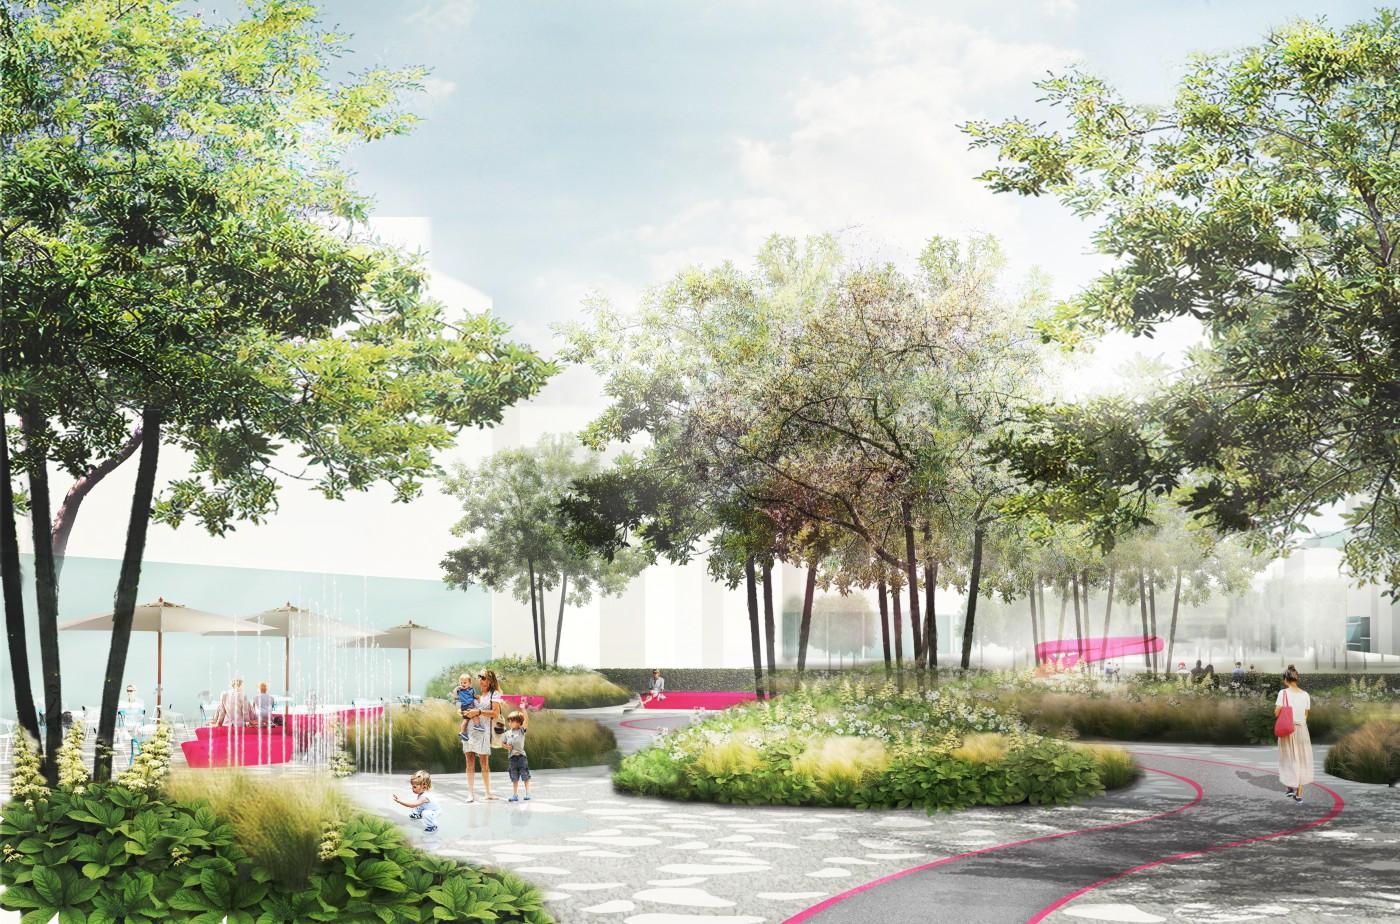 buro-sant-en-co-landschapsarchitectuur-van leeuwenhoekpark-delft-stadspark-dakpark-klimaatadaptief-ecologie-city lounge-ontwerp